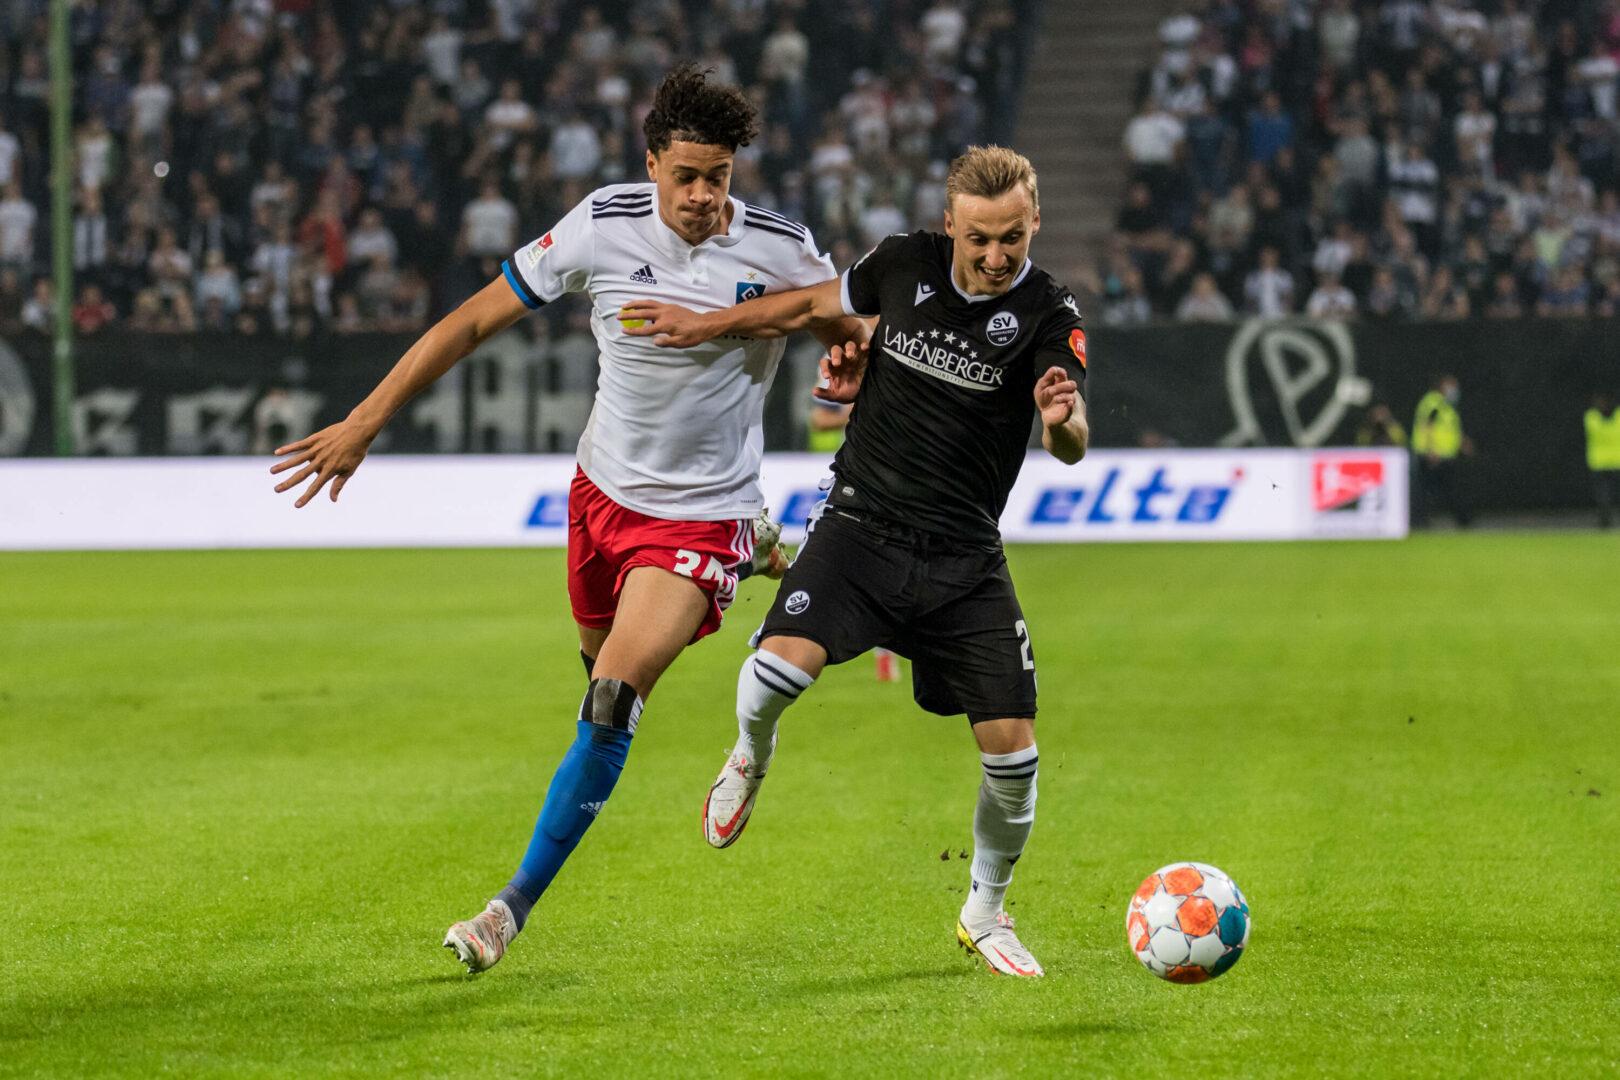 HSV mit Last-Minute-Sieg gegen Sandhausen